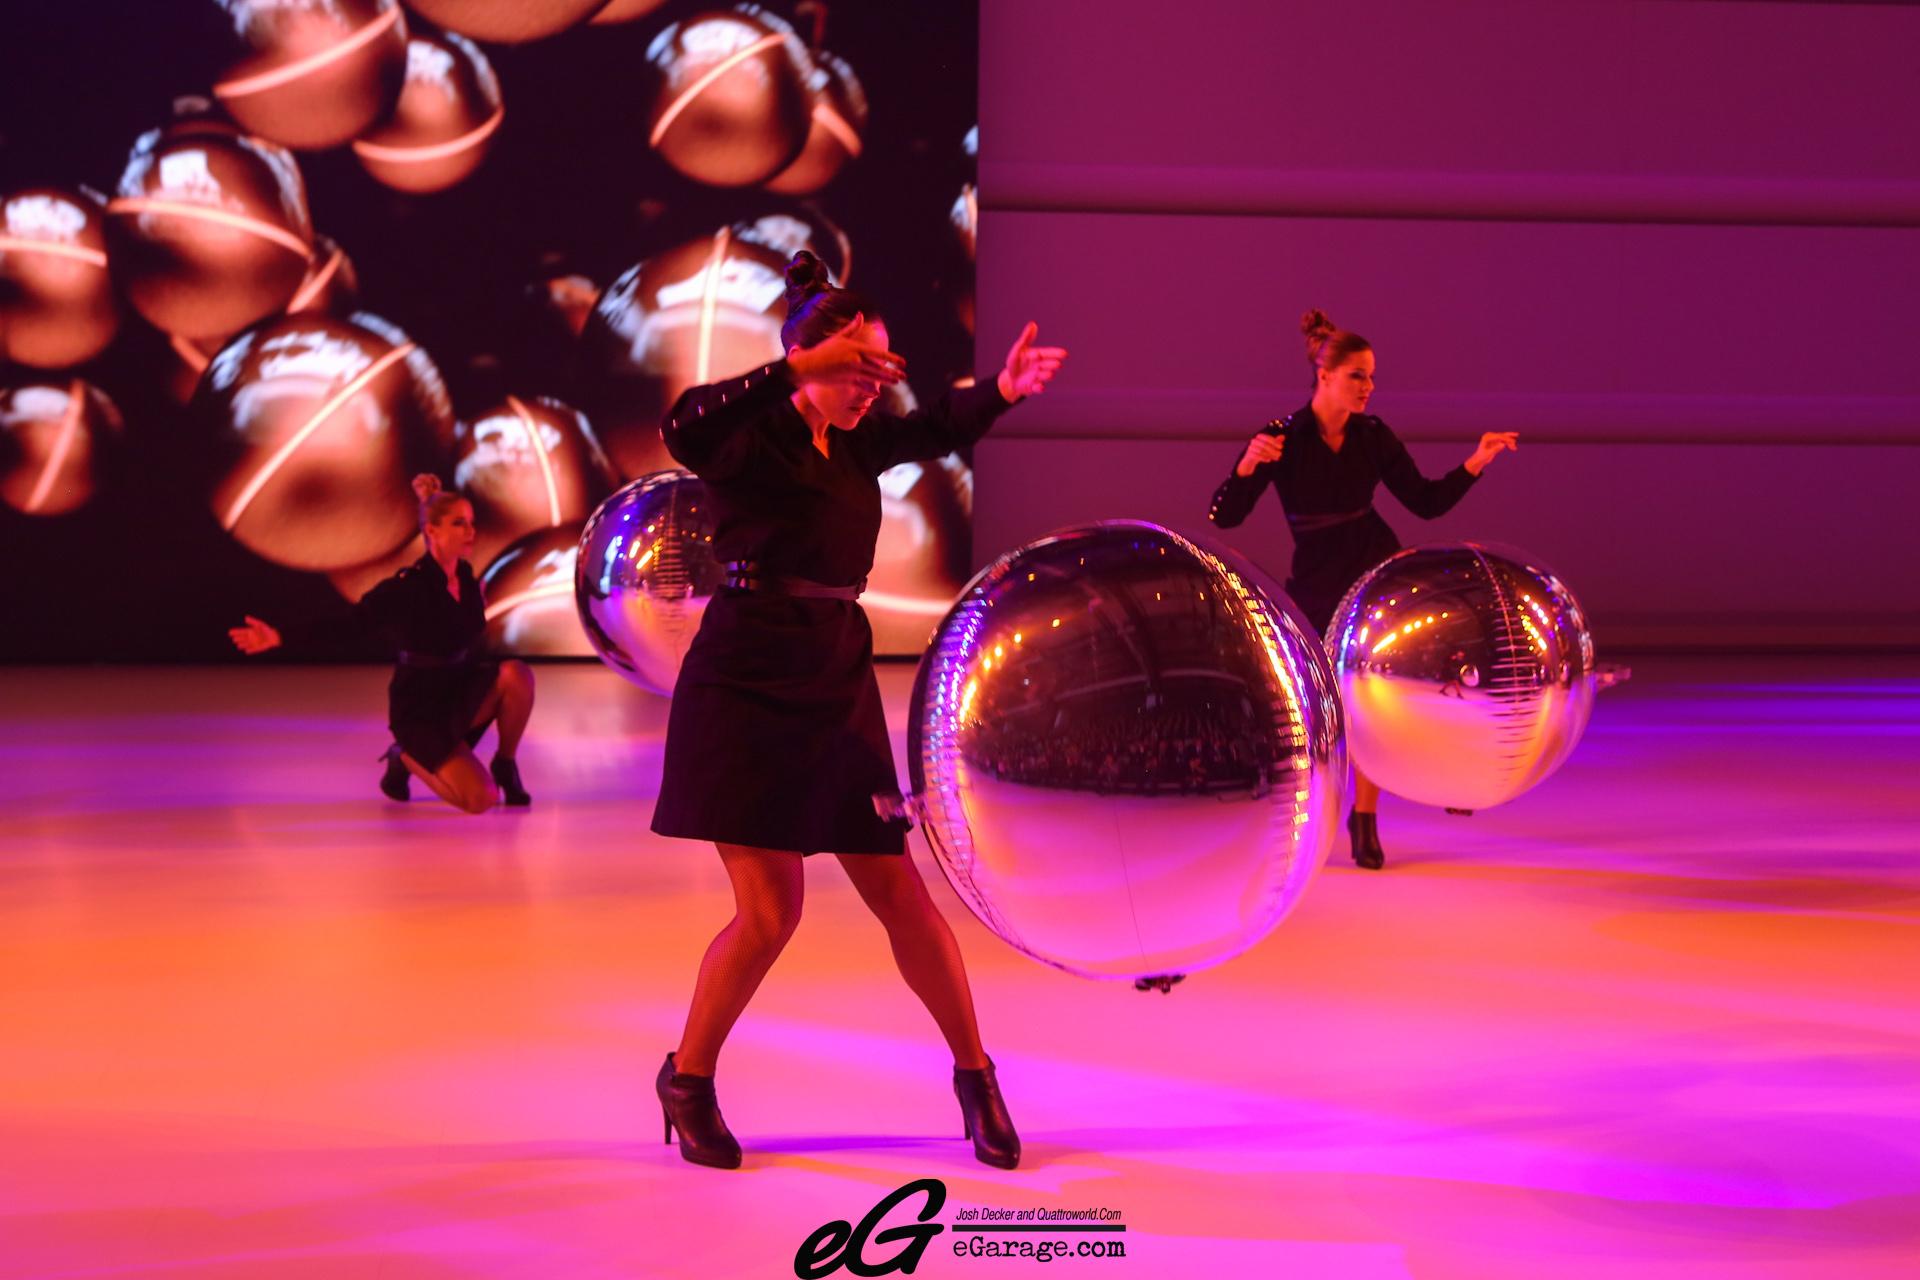 8030384492 dab0474fe5 o 2012 Paris Motor Show